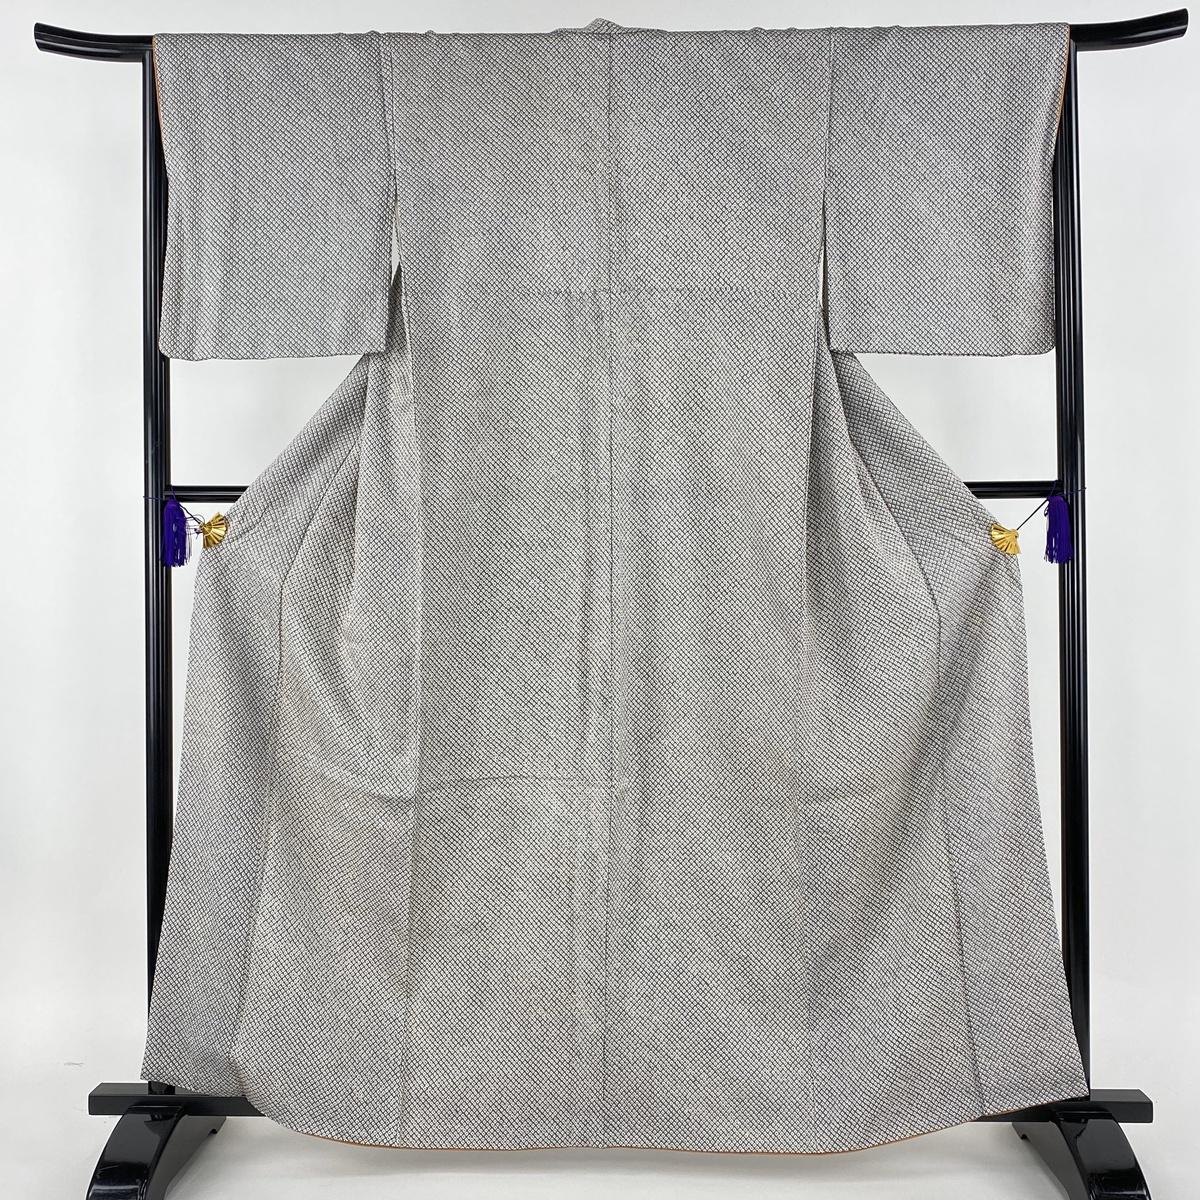 小紋 美品 秀品 総絞り 灰色 袷 身丈162cm 裄丈66cm M 正絹 【中古】